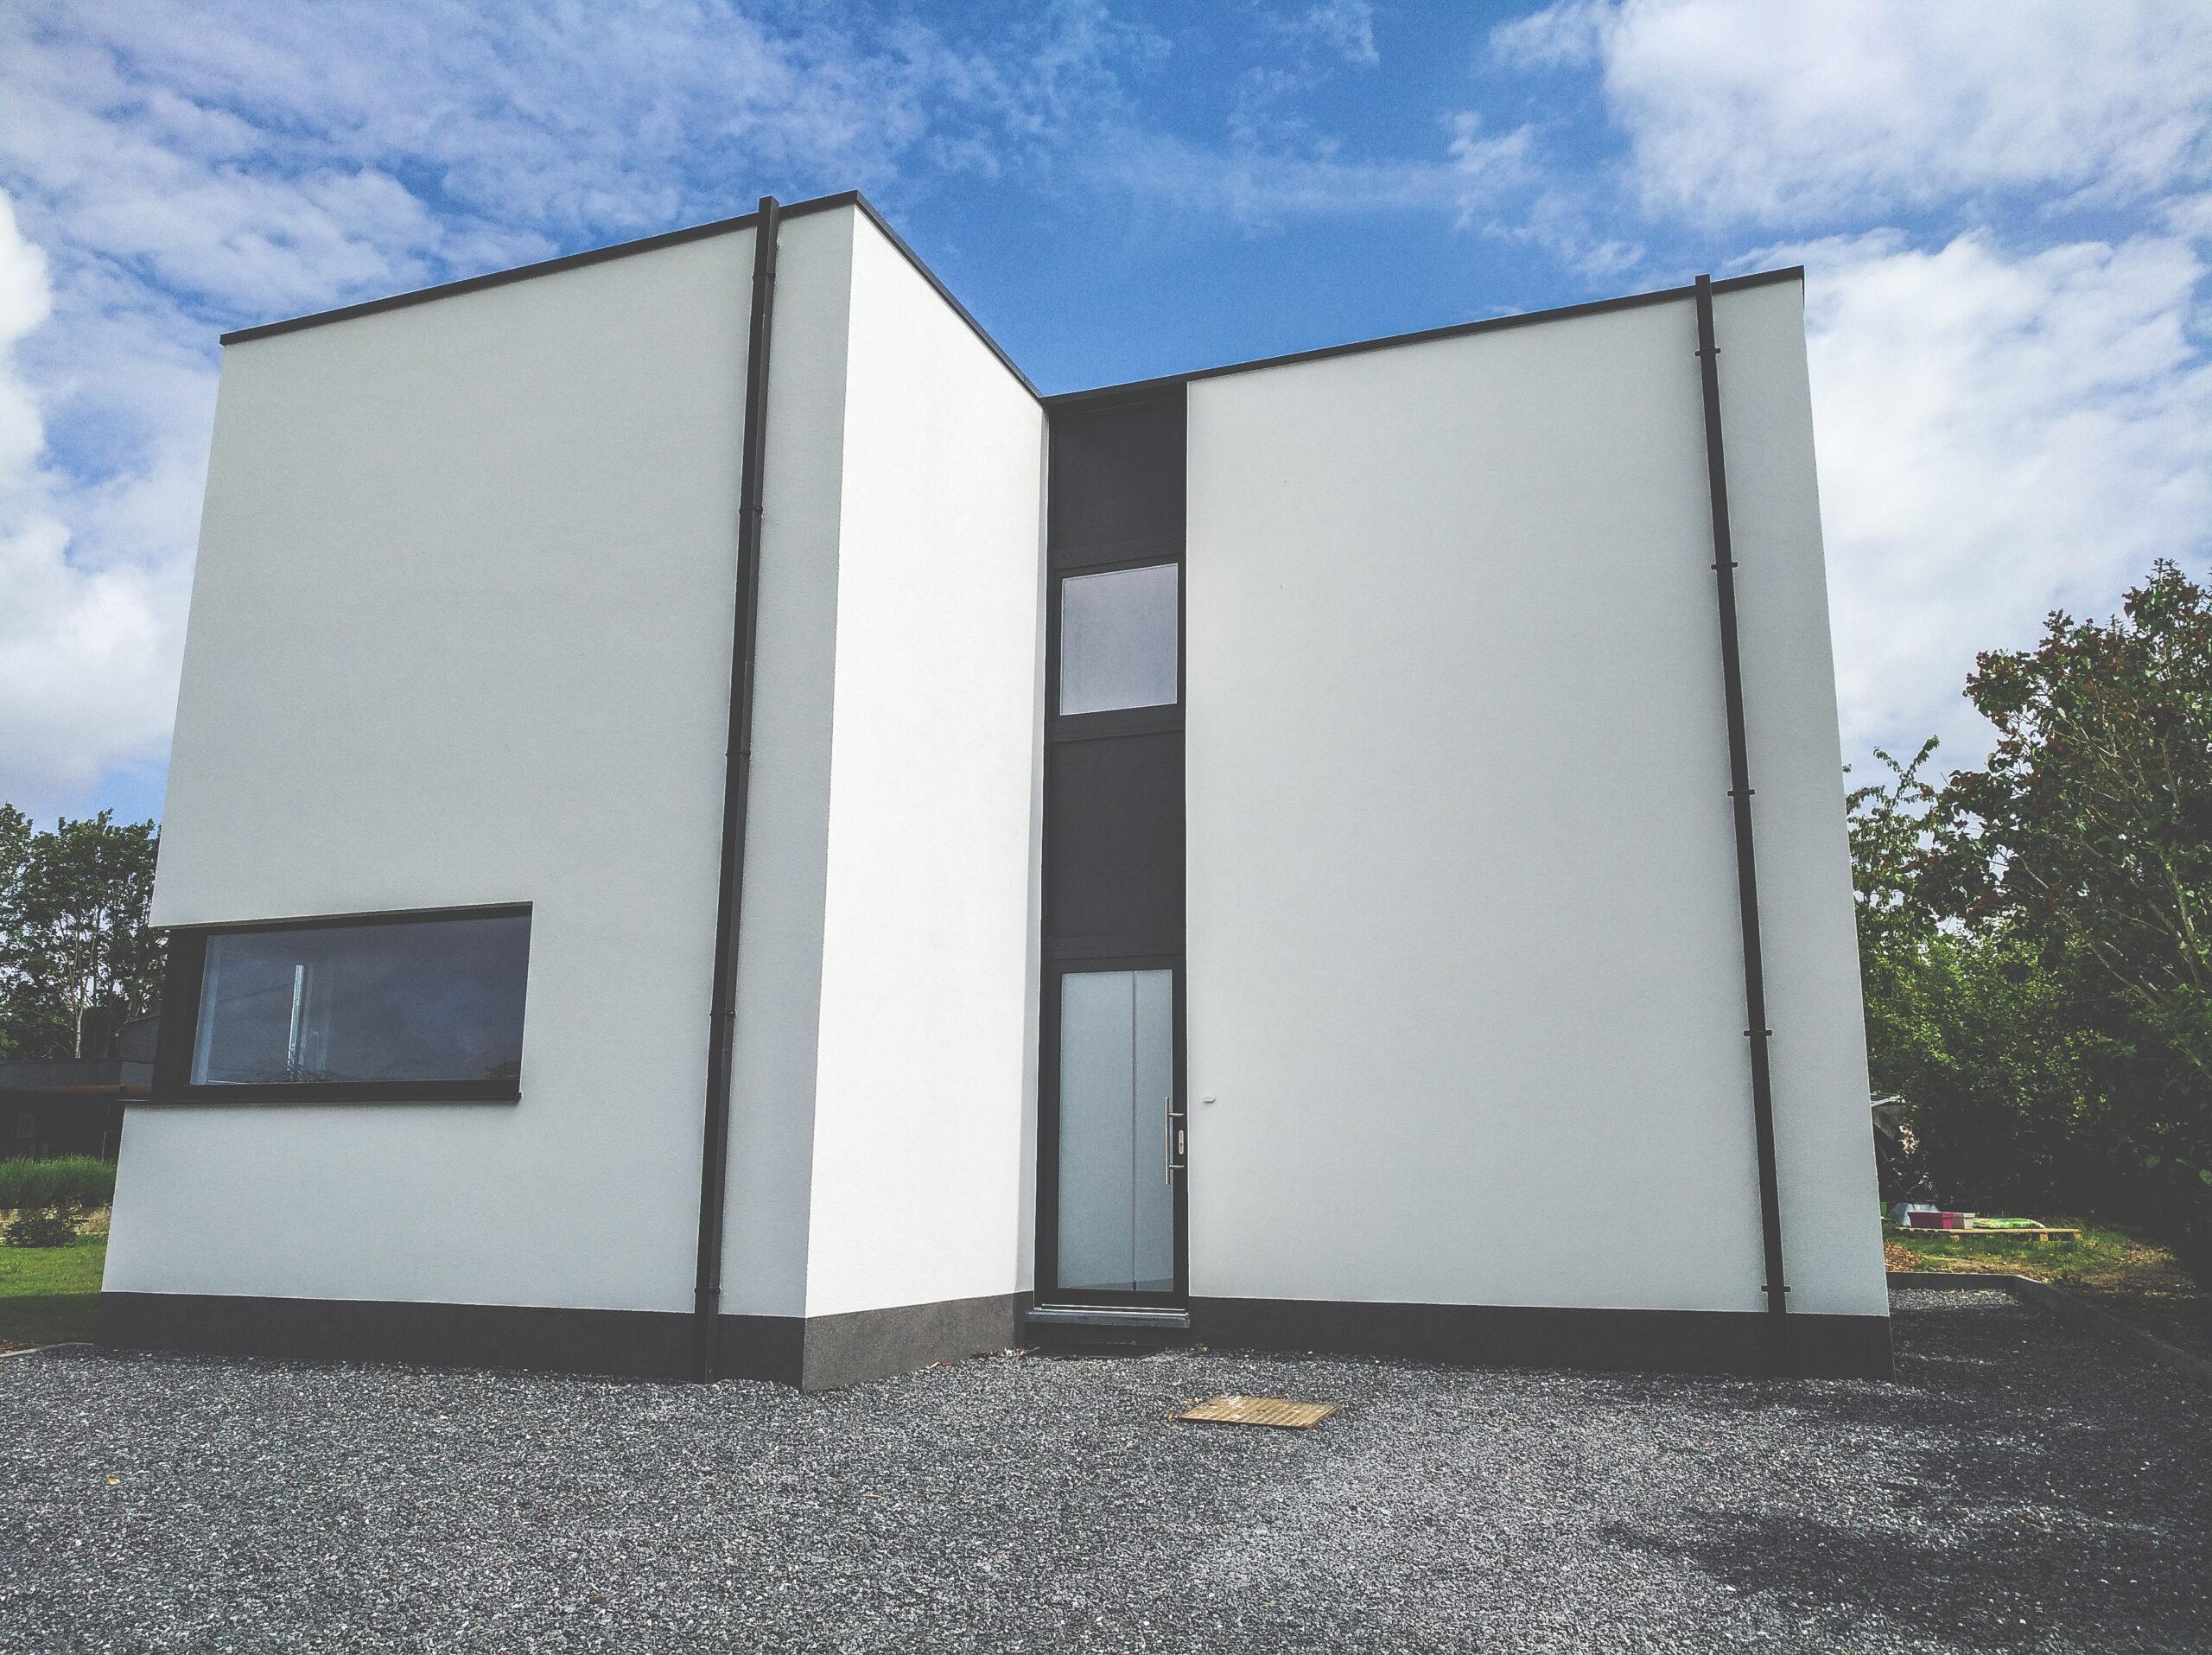 Maison Unifamiliale - Loyers - Façade avant 1 - Owood Constructions